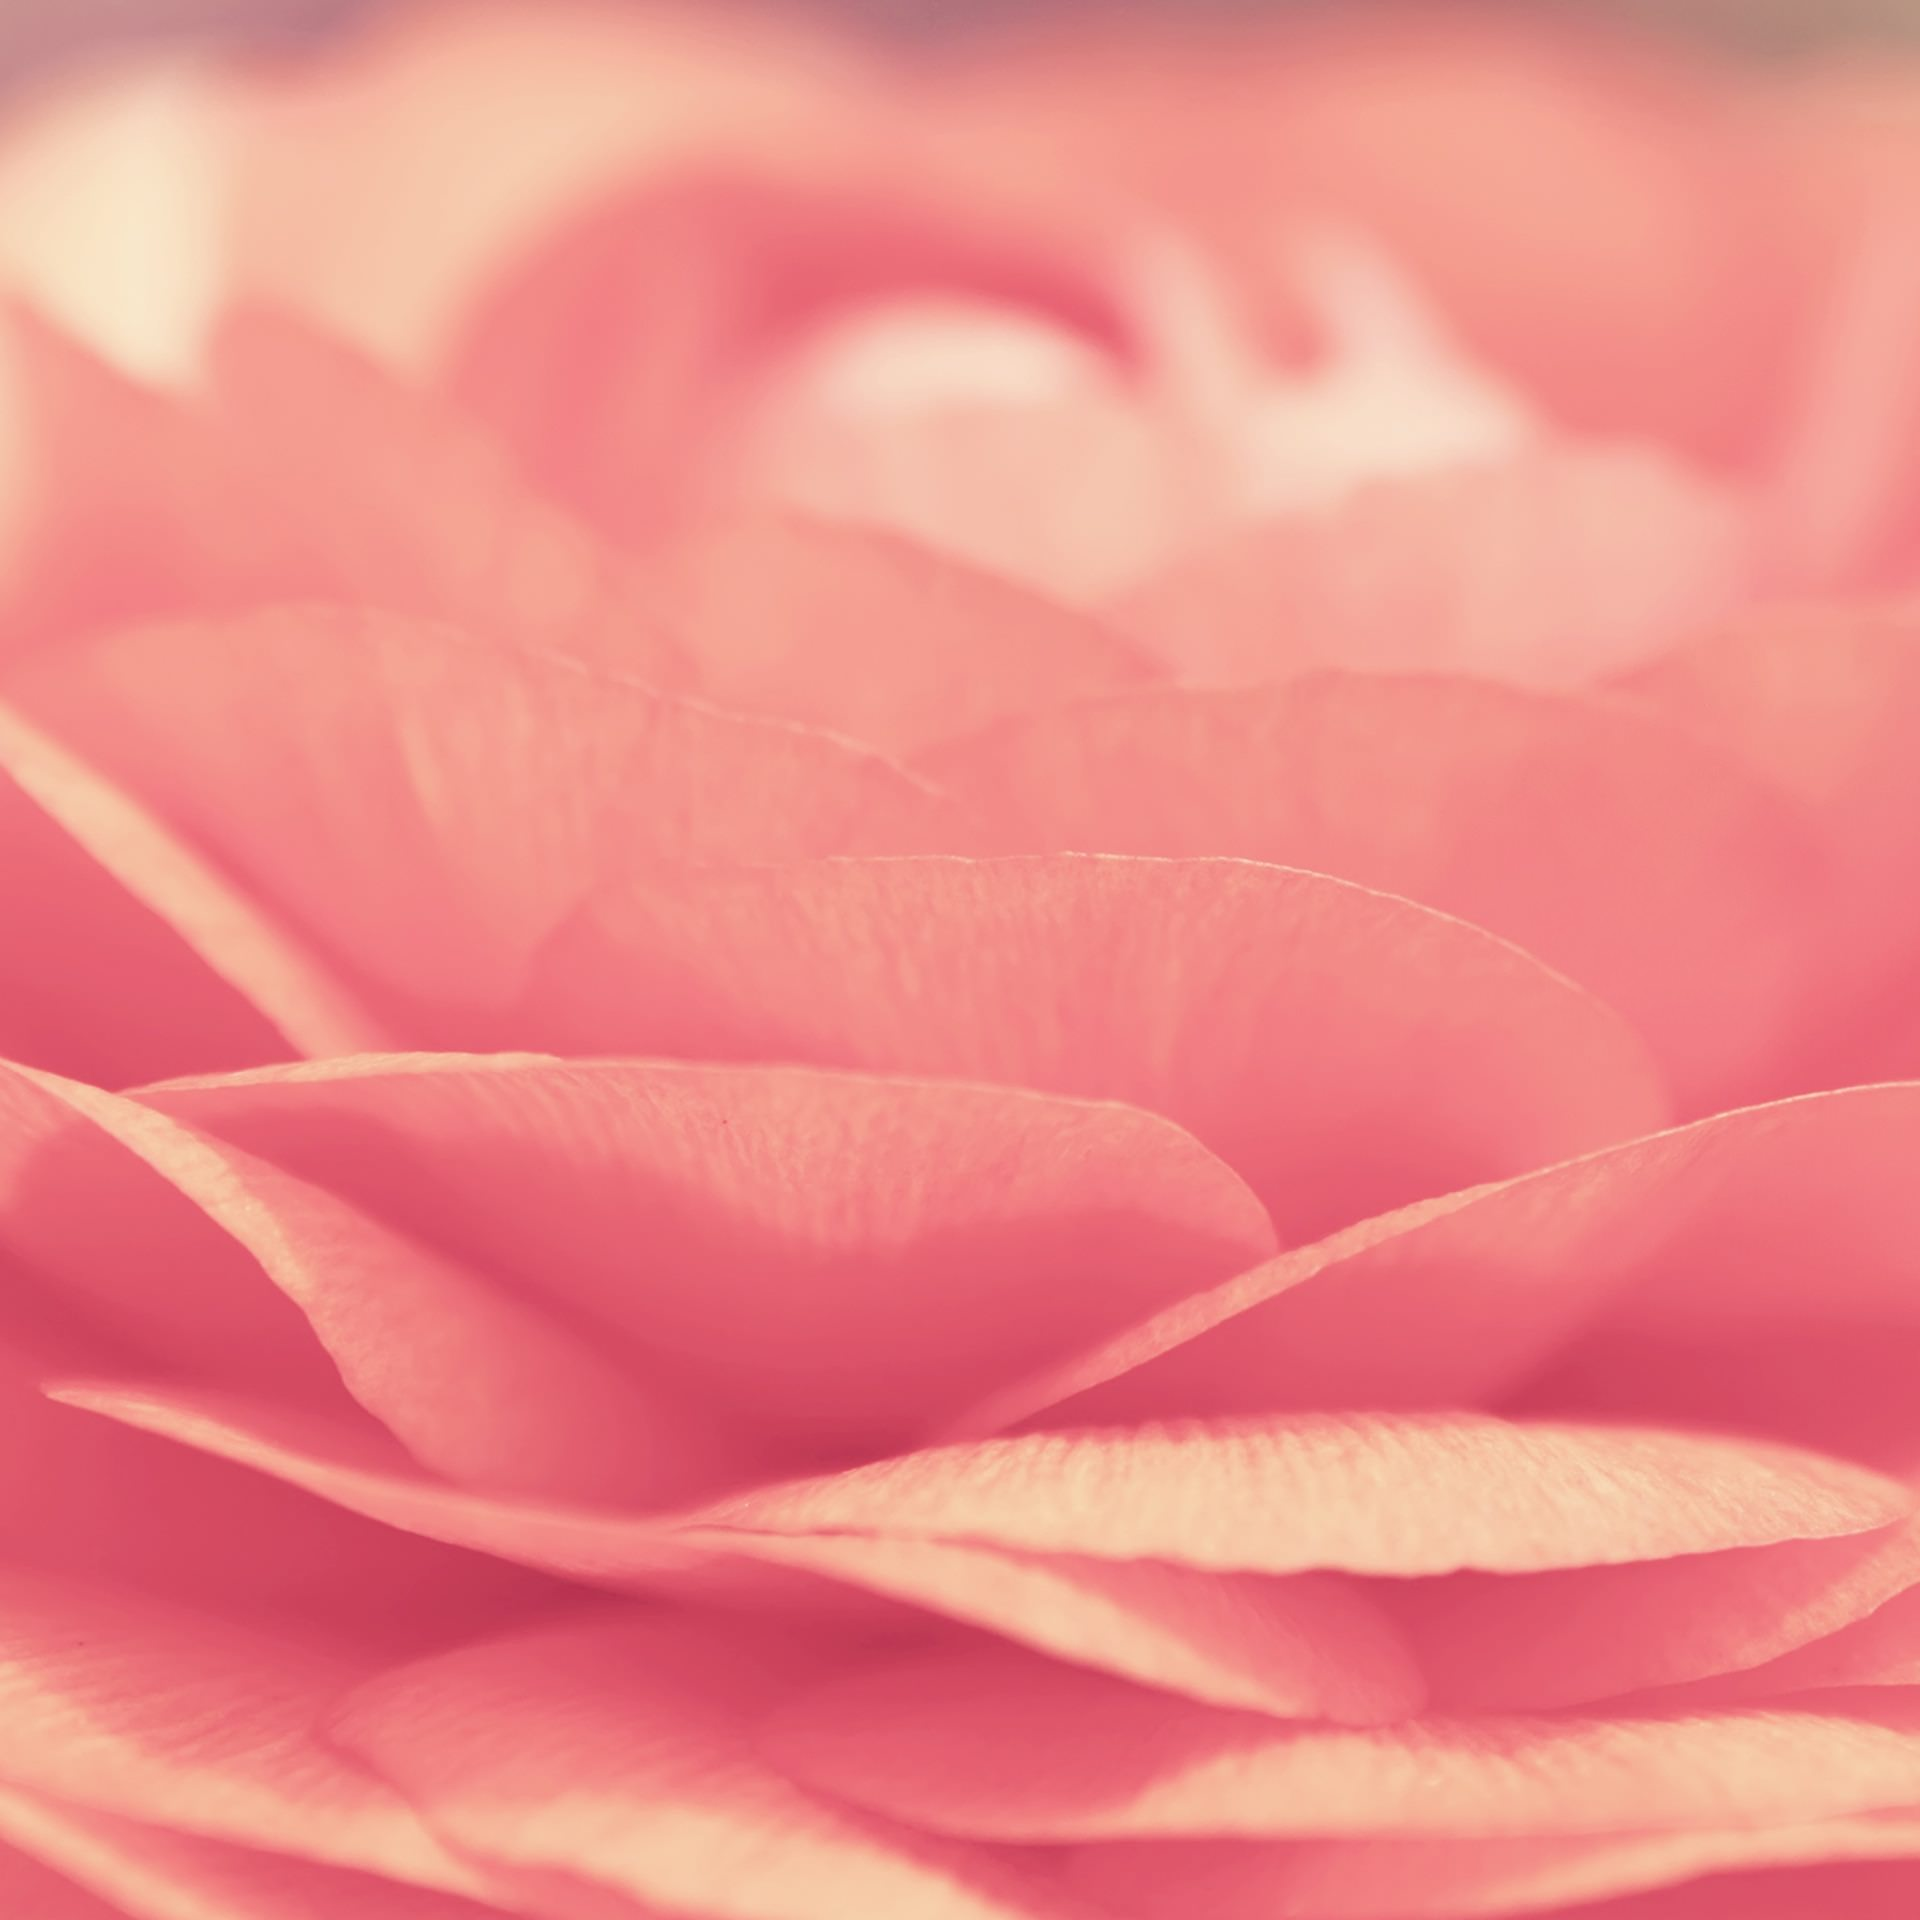 ピンクの薔薇の接写 Android壁紙(2160x1920)